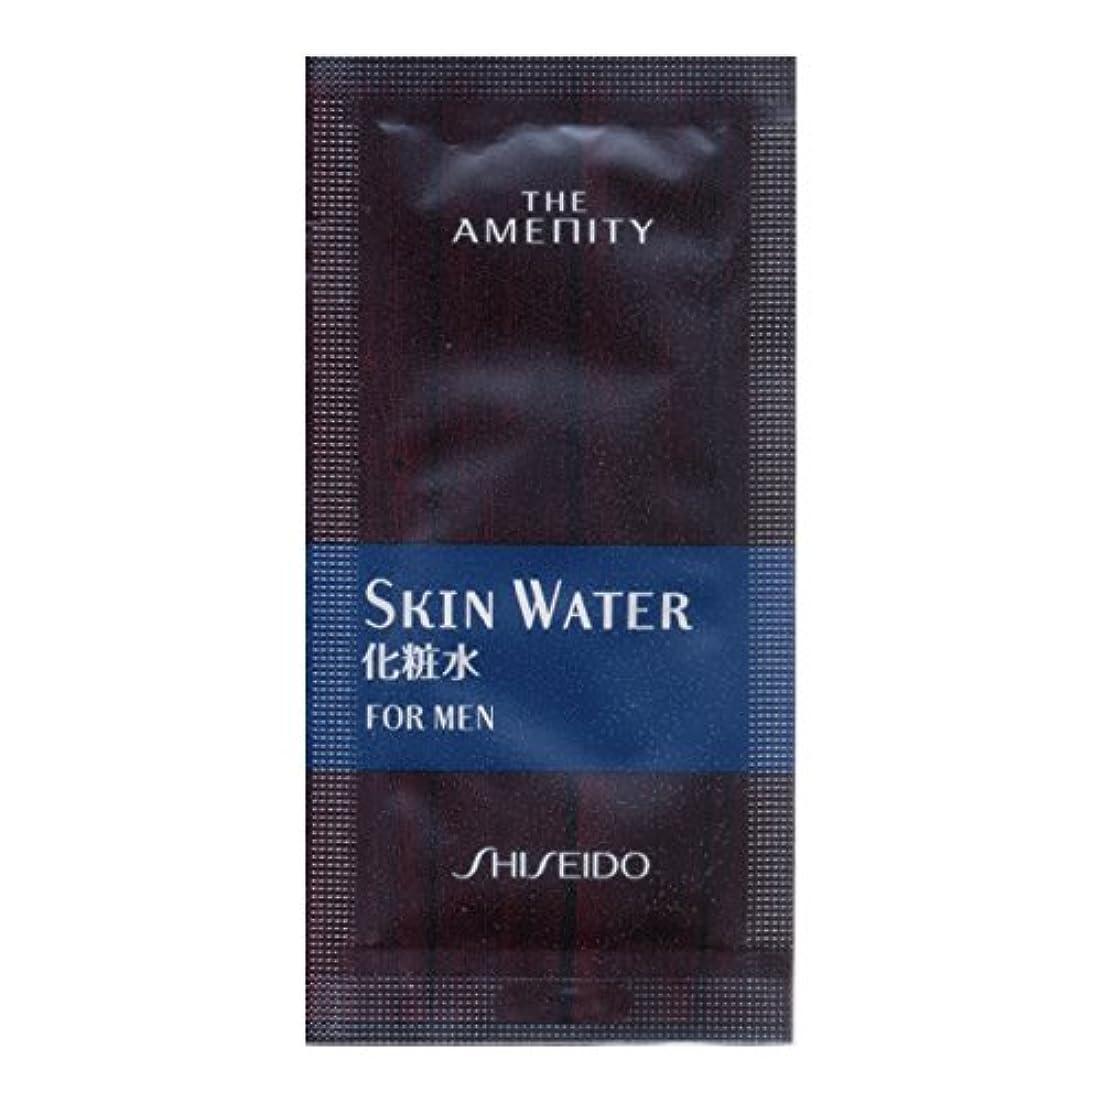 成分不適切な一握り資生堂 レクシブ スキンウォーター(化粧水)3mlパウチ 100包